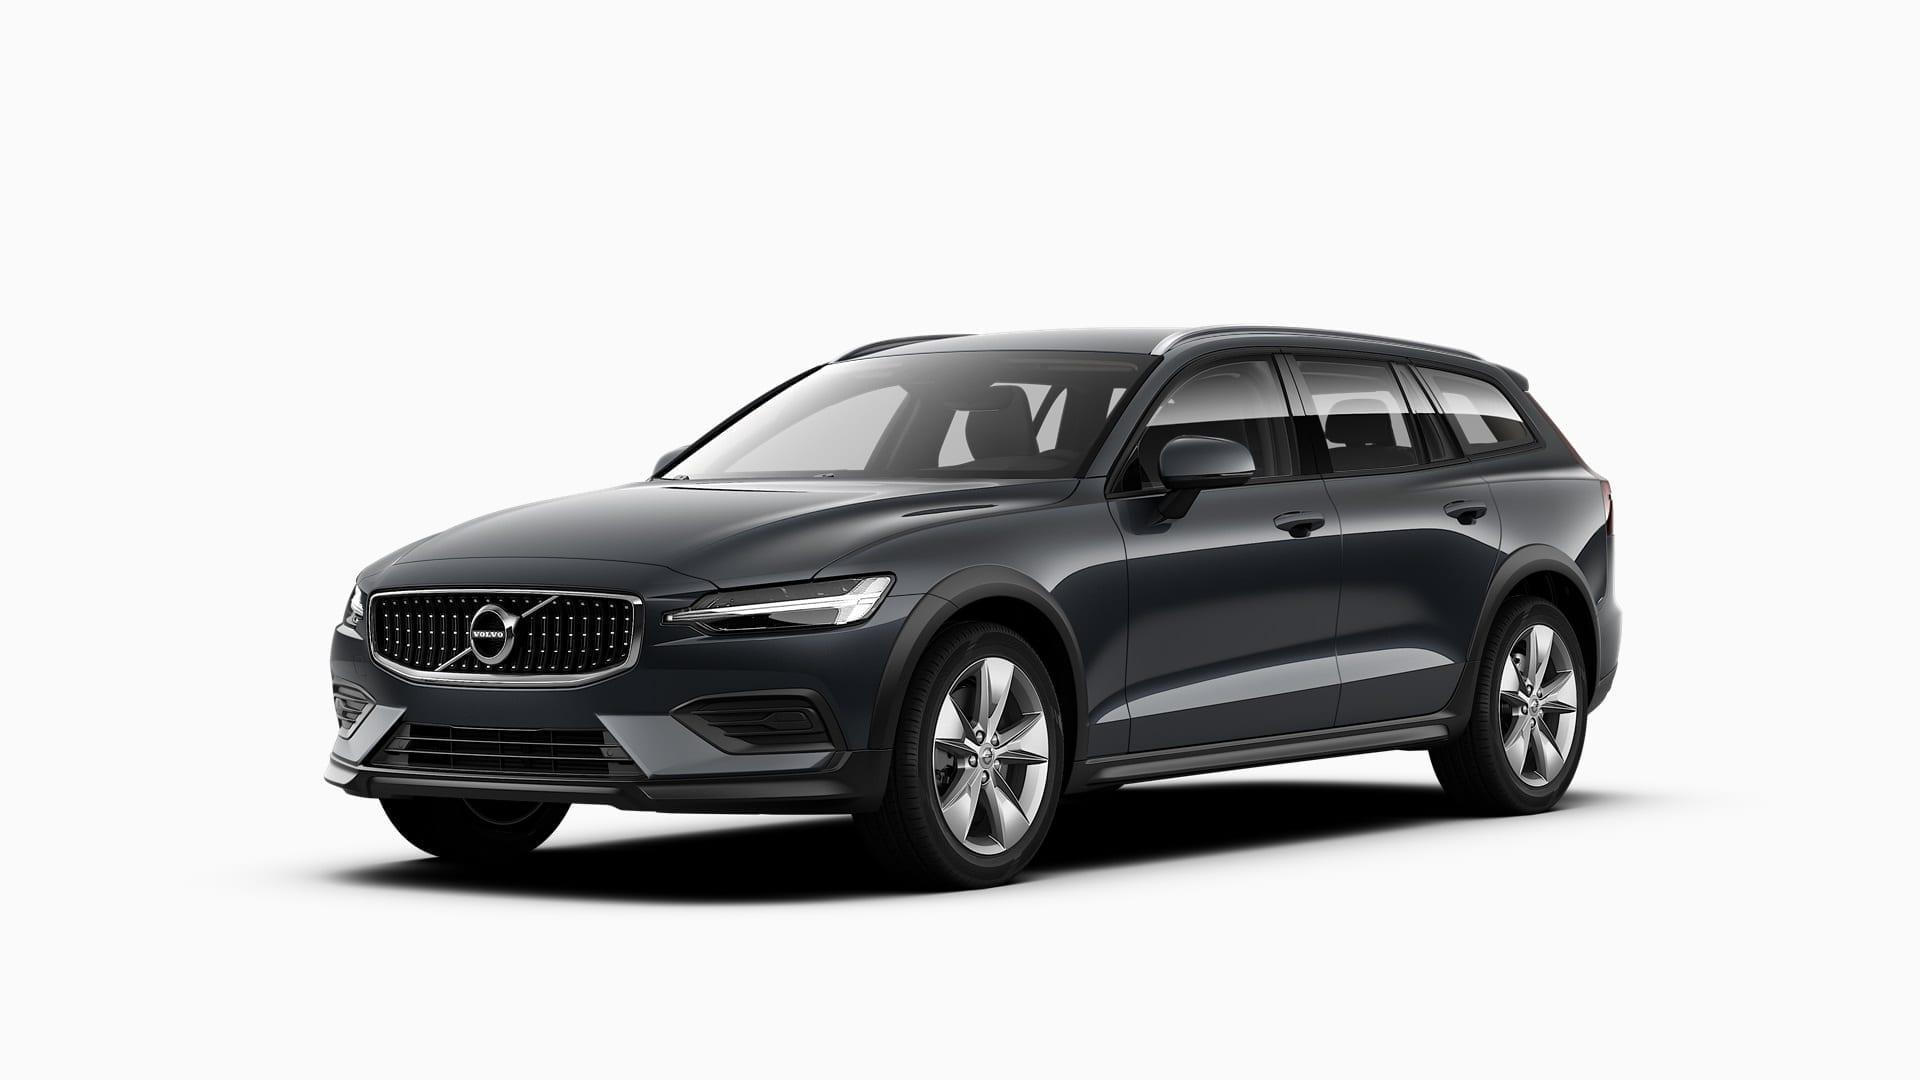 Volvo оснащены самыми современными системами безопасности